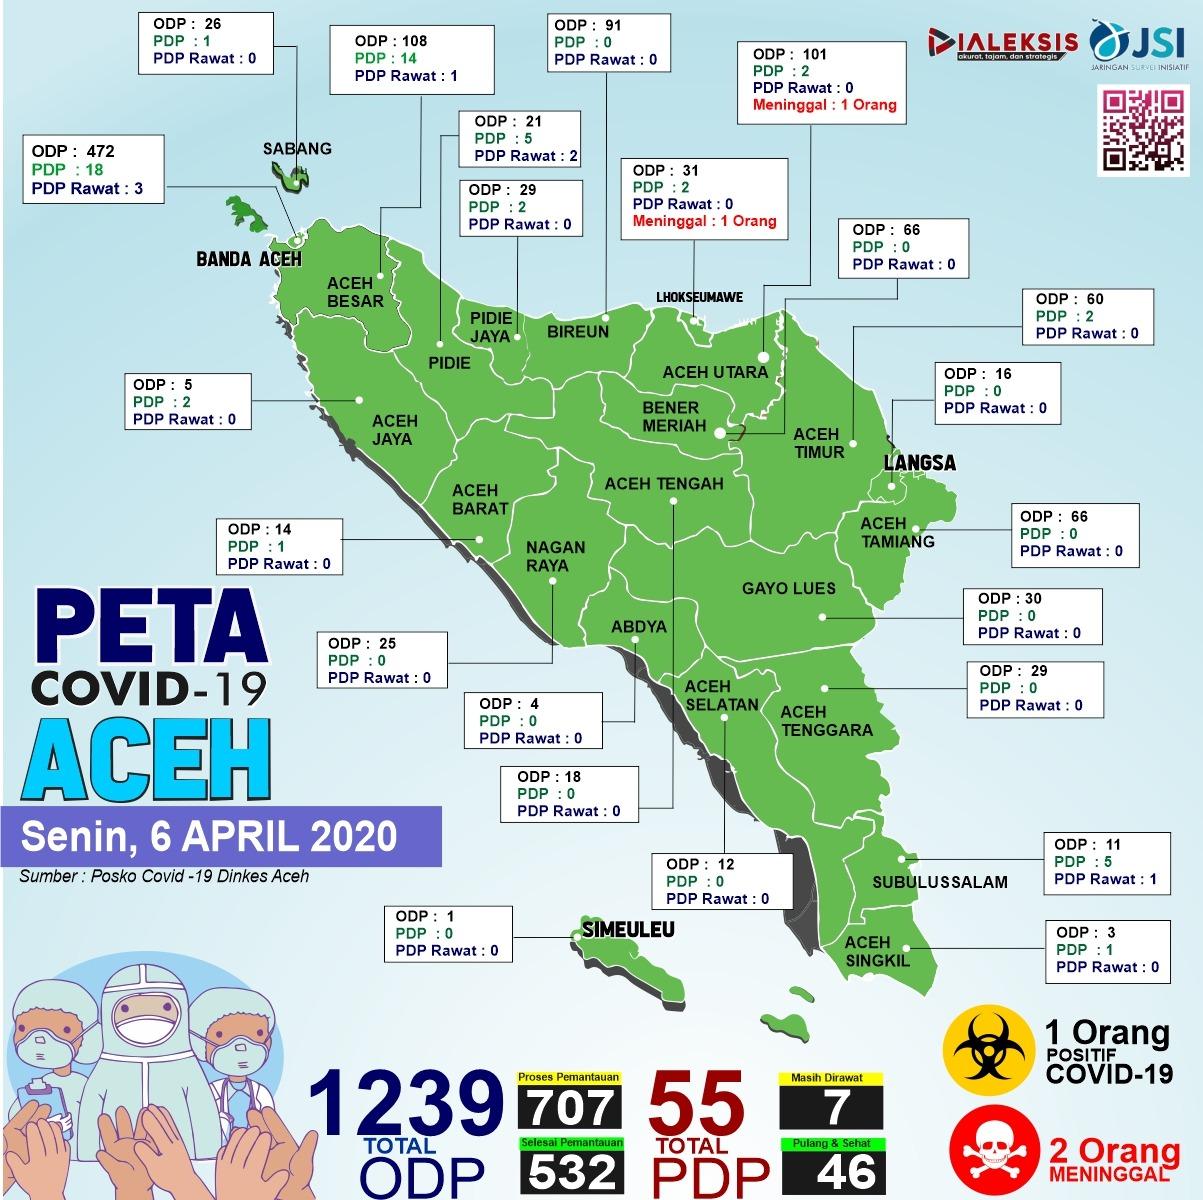 Peta Covid-19 Aceh Tanggal 6 April 2020